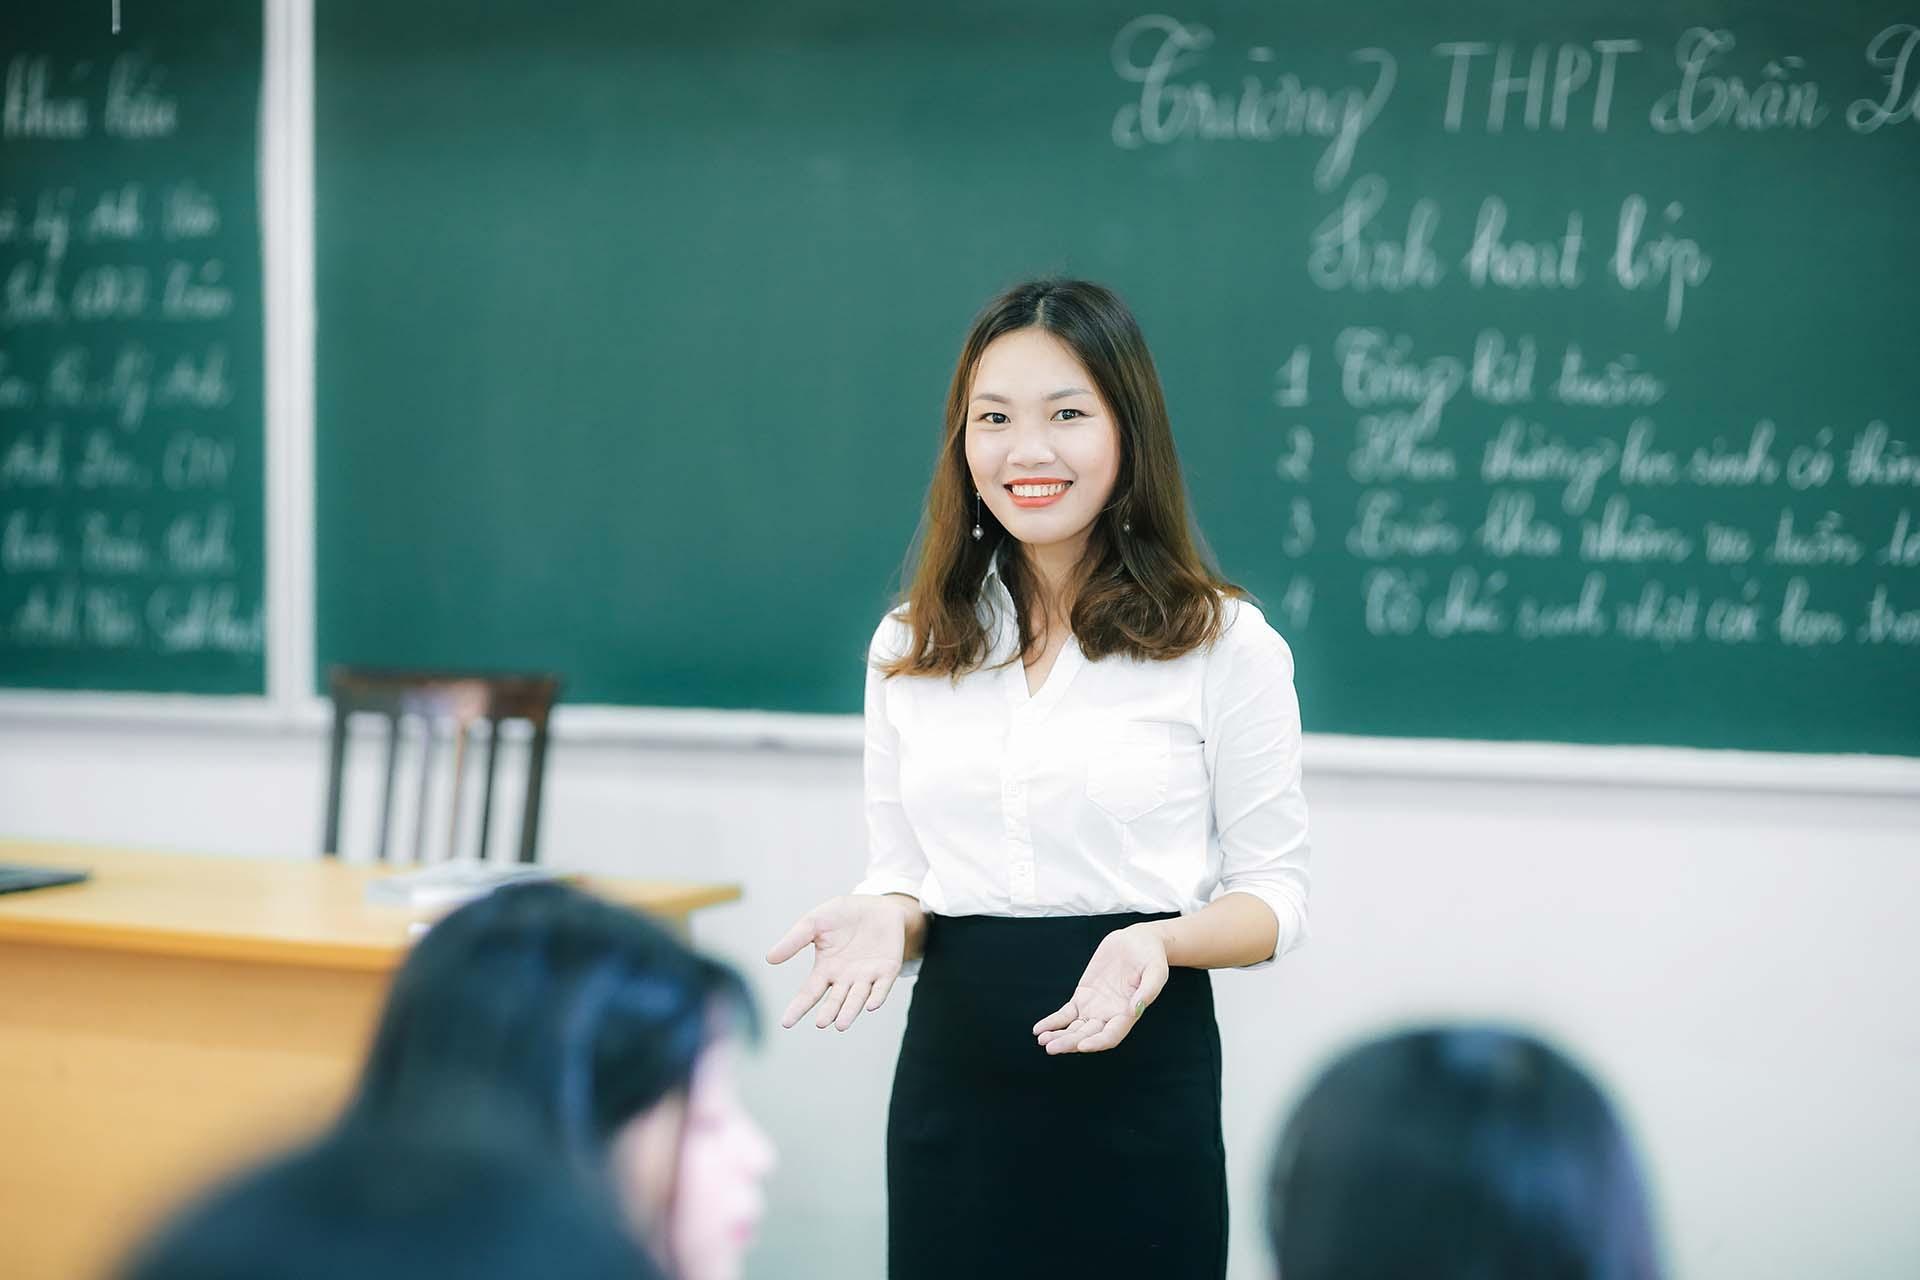 Có bằng cử nhân thì có làm được giảng viên không?